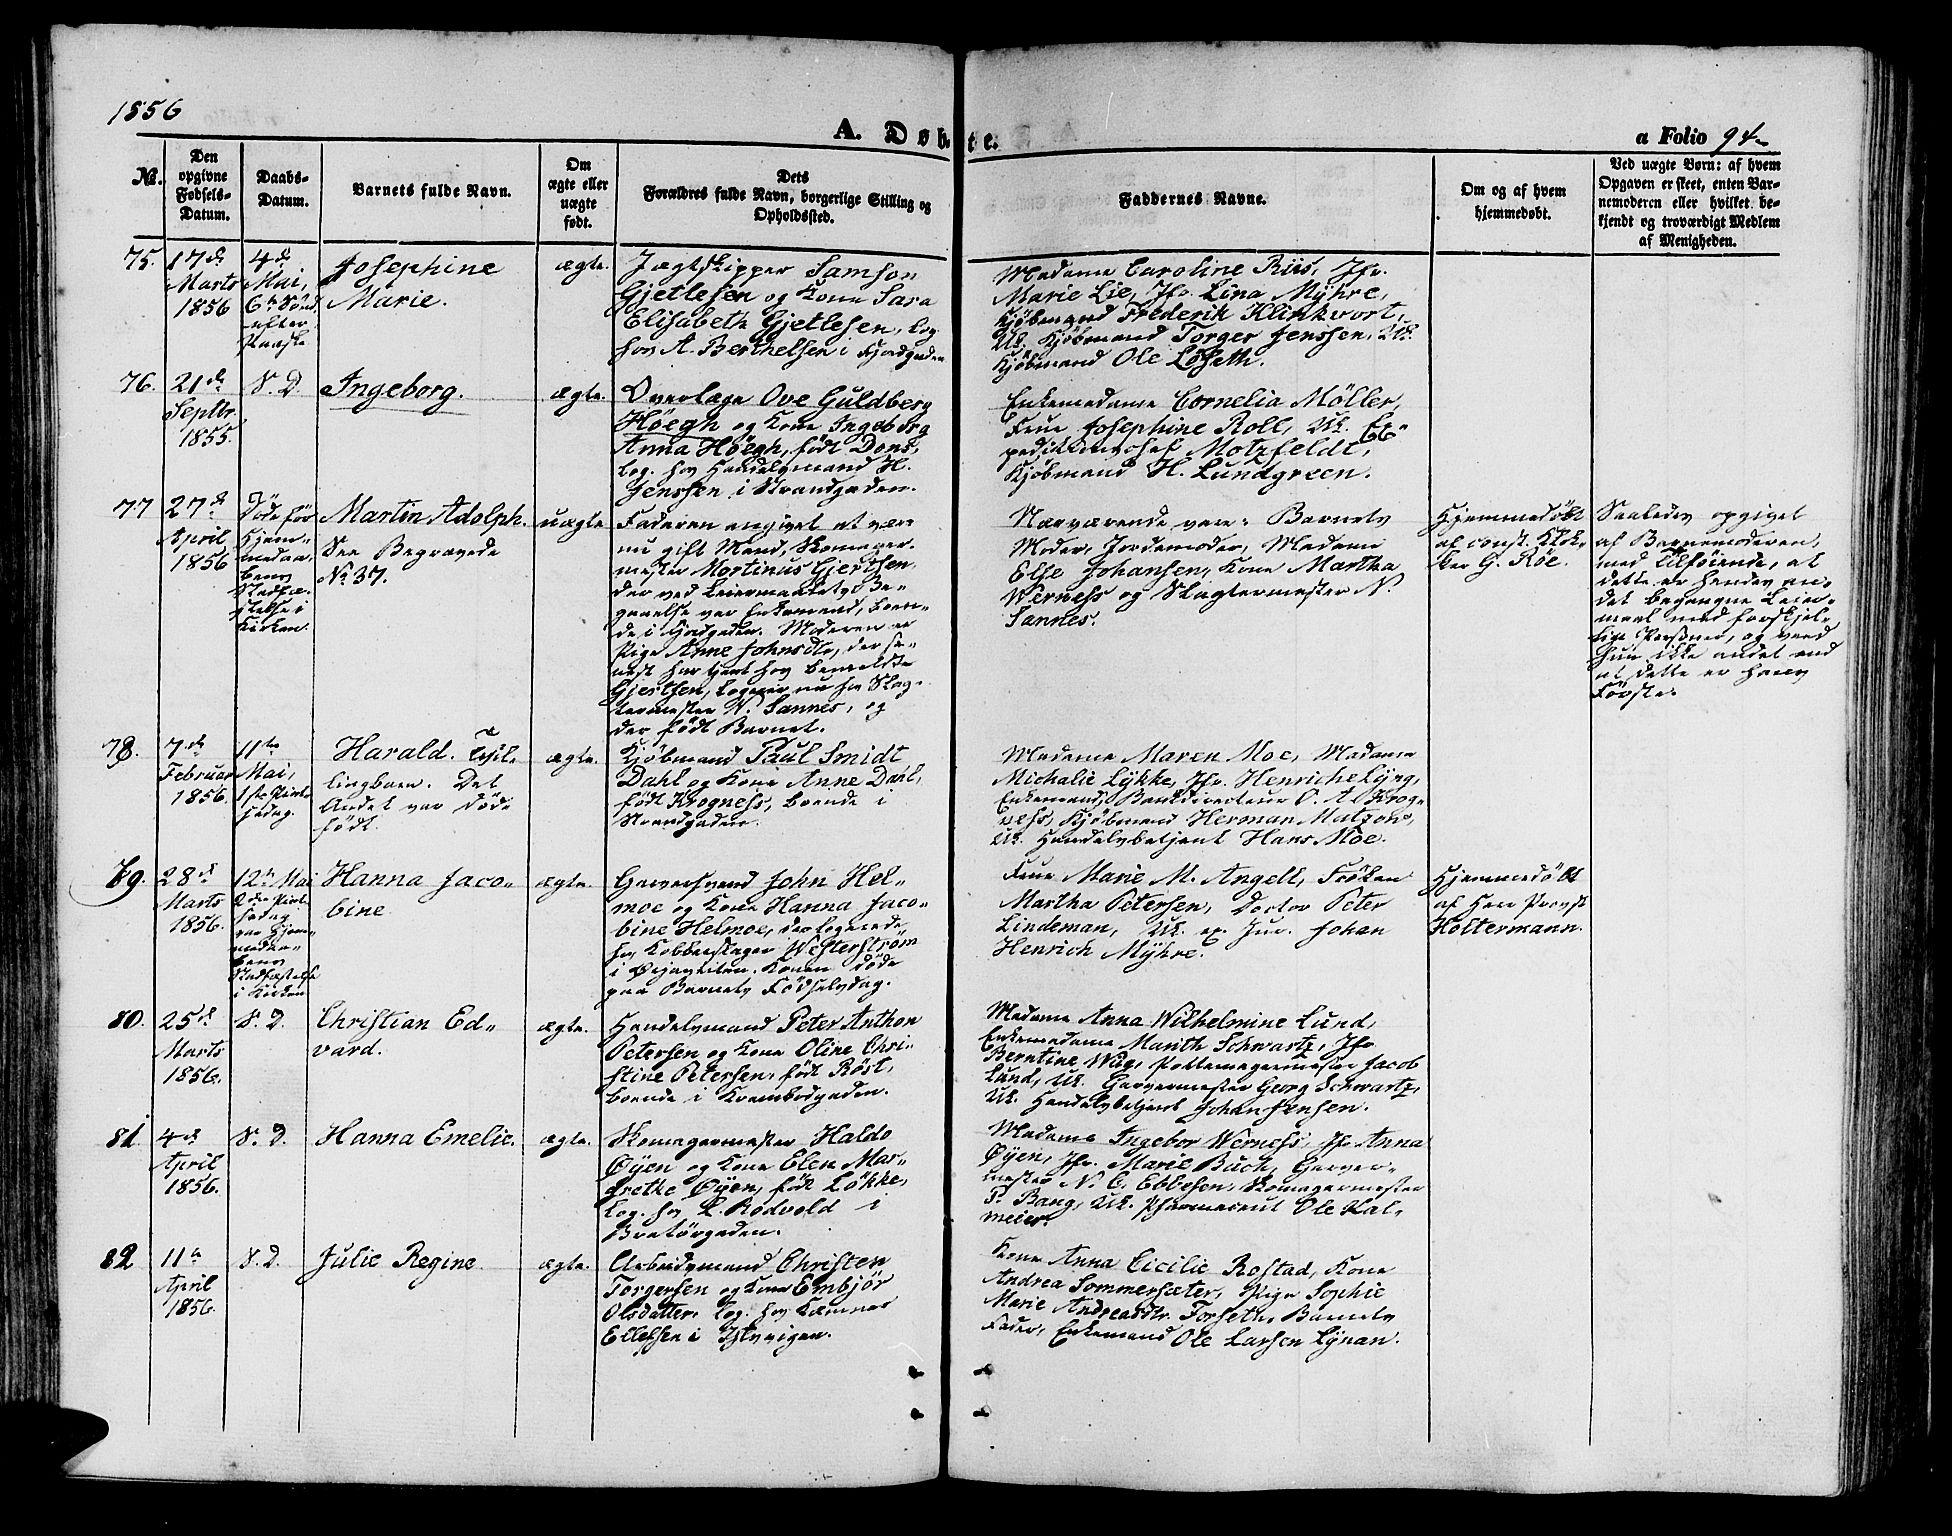 SAT, Ministerialprotokoller, klokkerbøker og fødselsregistre - Sør-Trøndelag, 602/L0138: Klokkerbok nr. 602C06, 1853-1858, s. 94